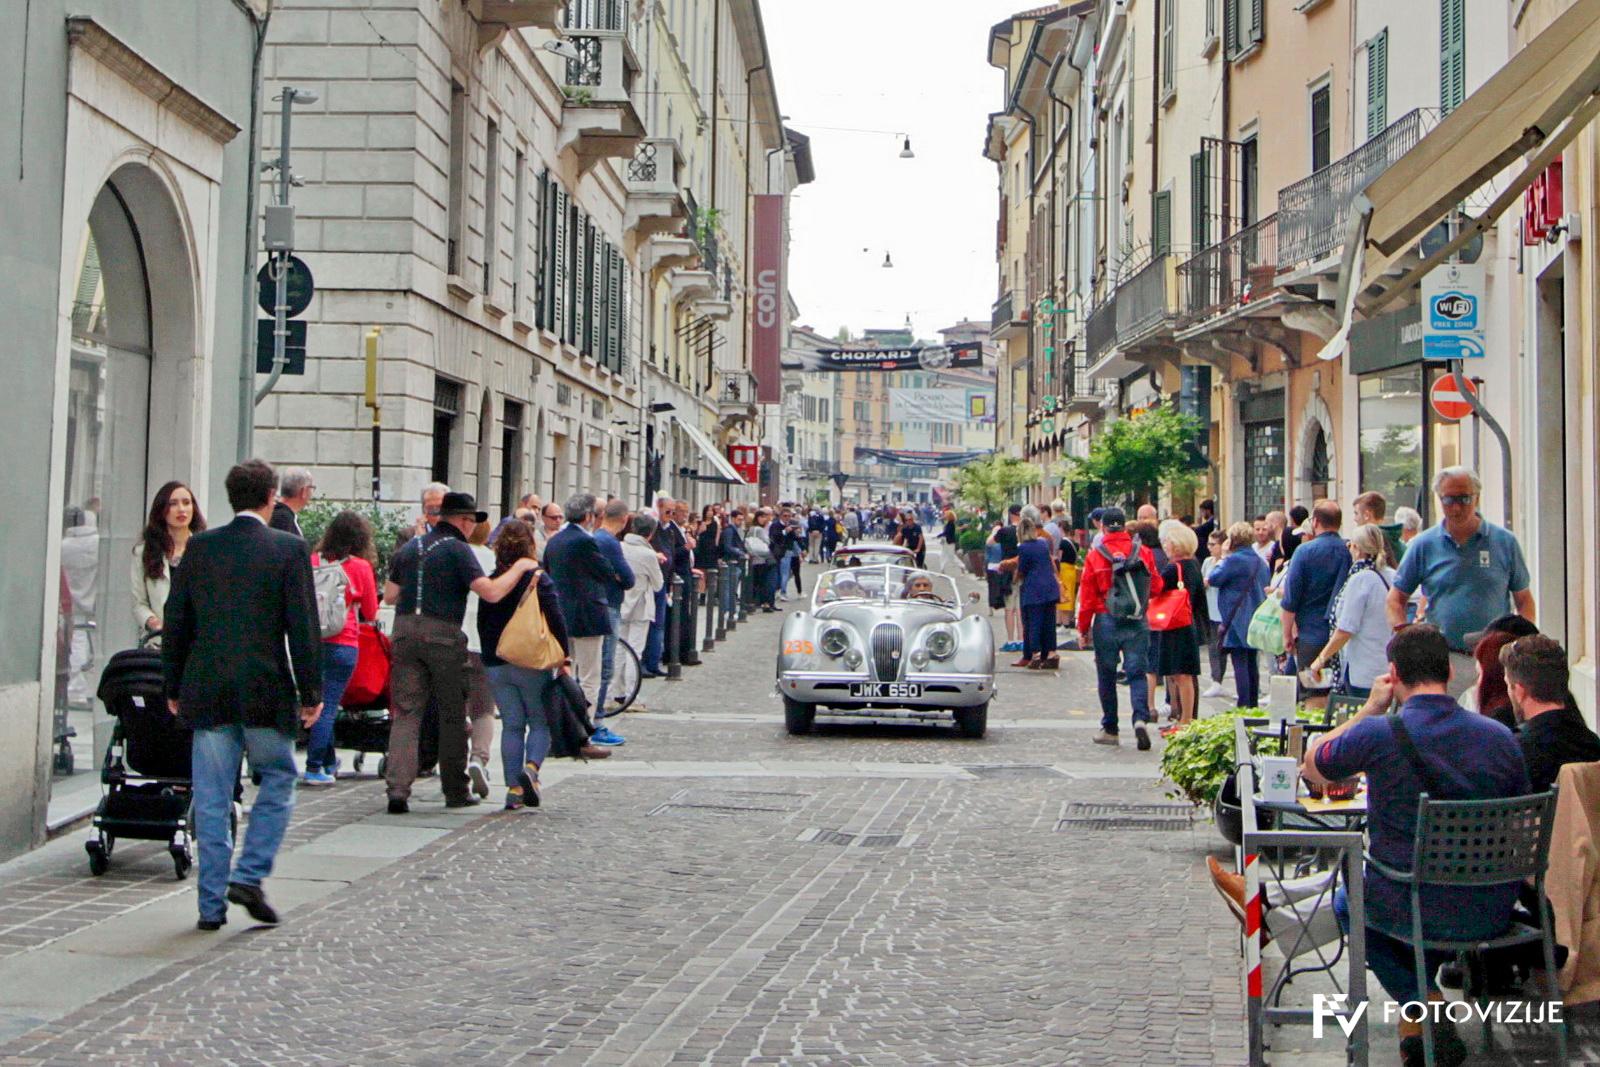 Mille Miglia 2018: Po štartu dirke so se avtomobili umirjeno popeljali po ulicah med množico